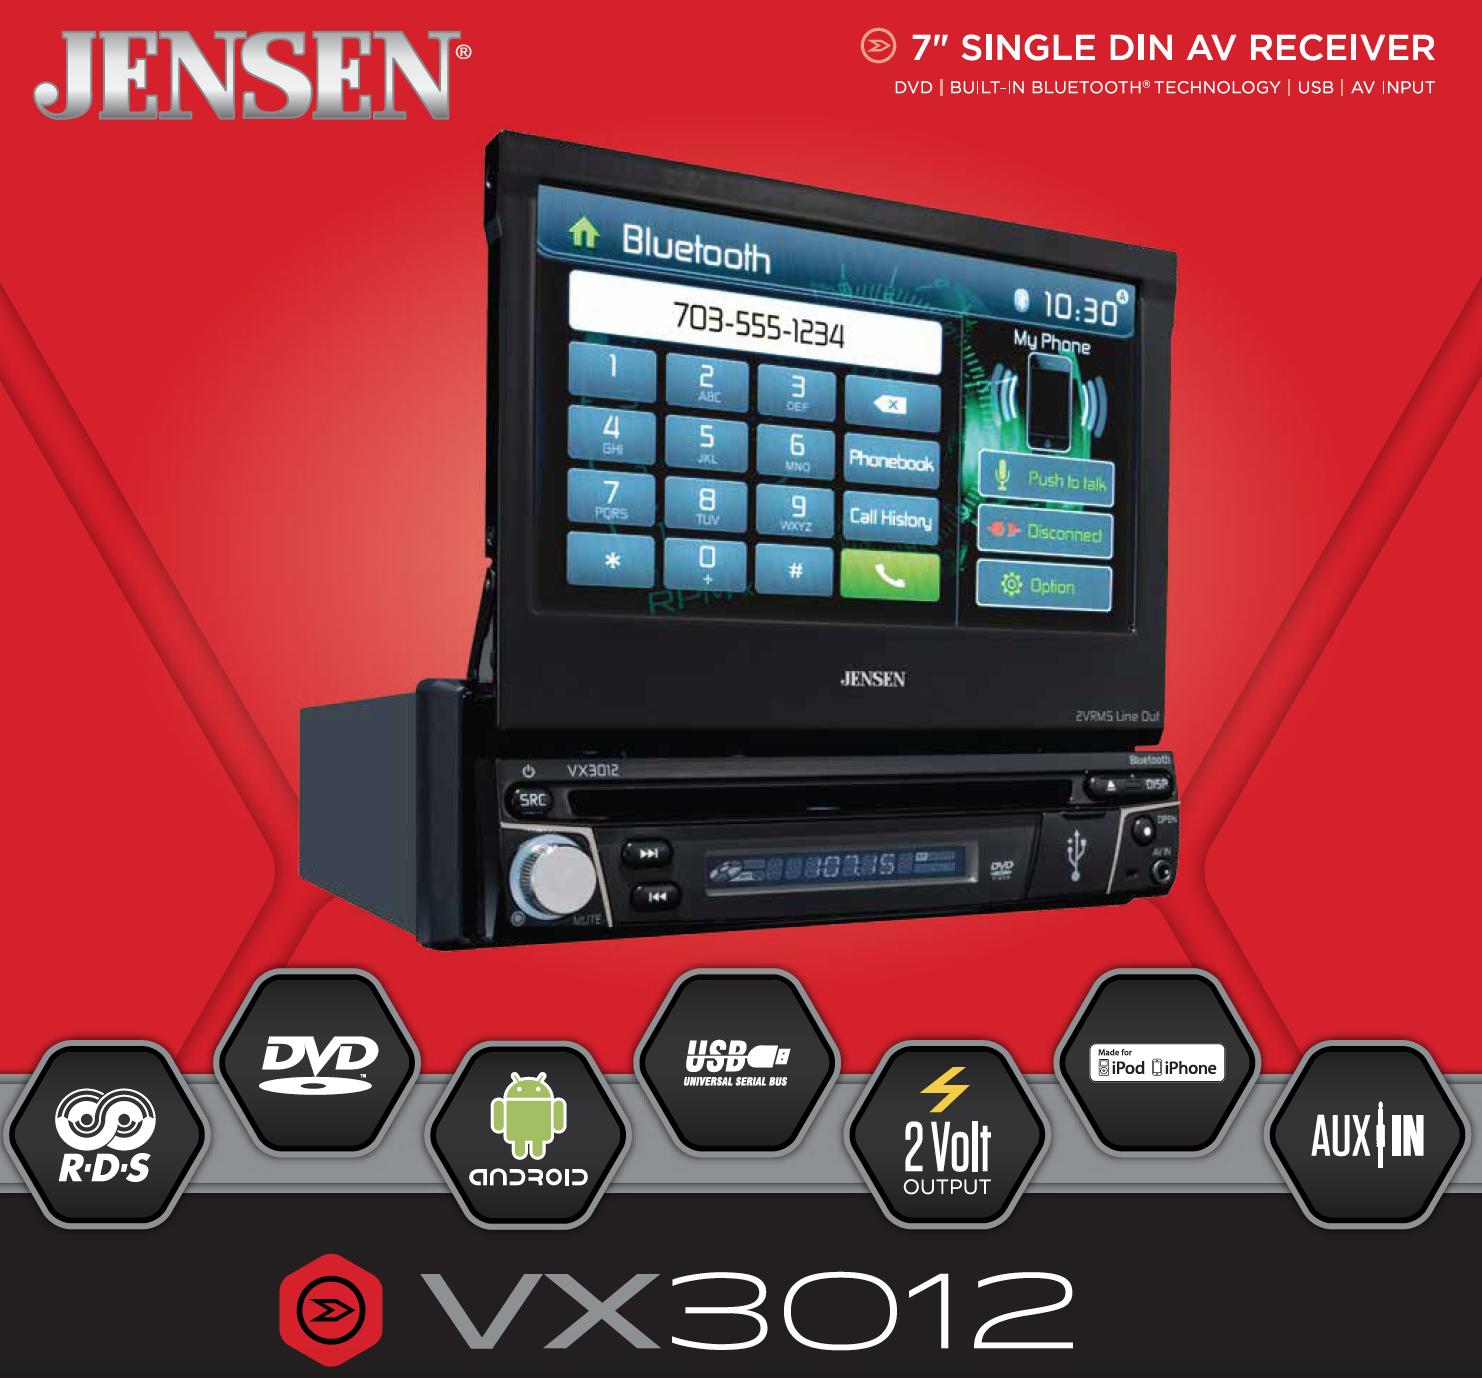 Jensen VX3012 1 DIN Multimedia Receiver, 7-Inch Touch